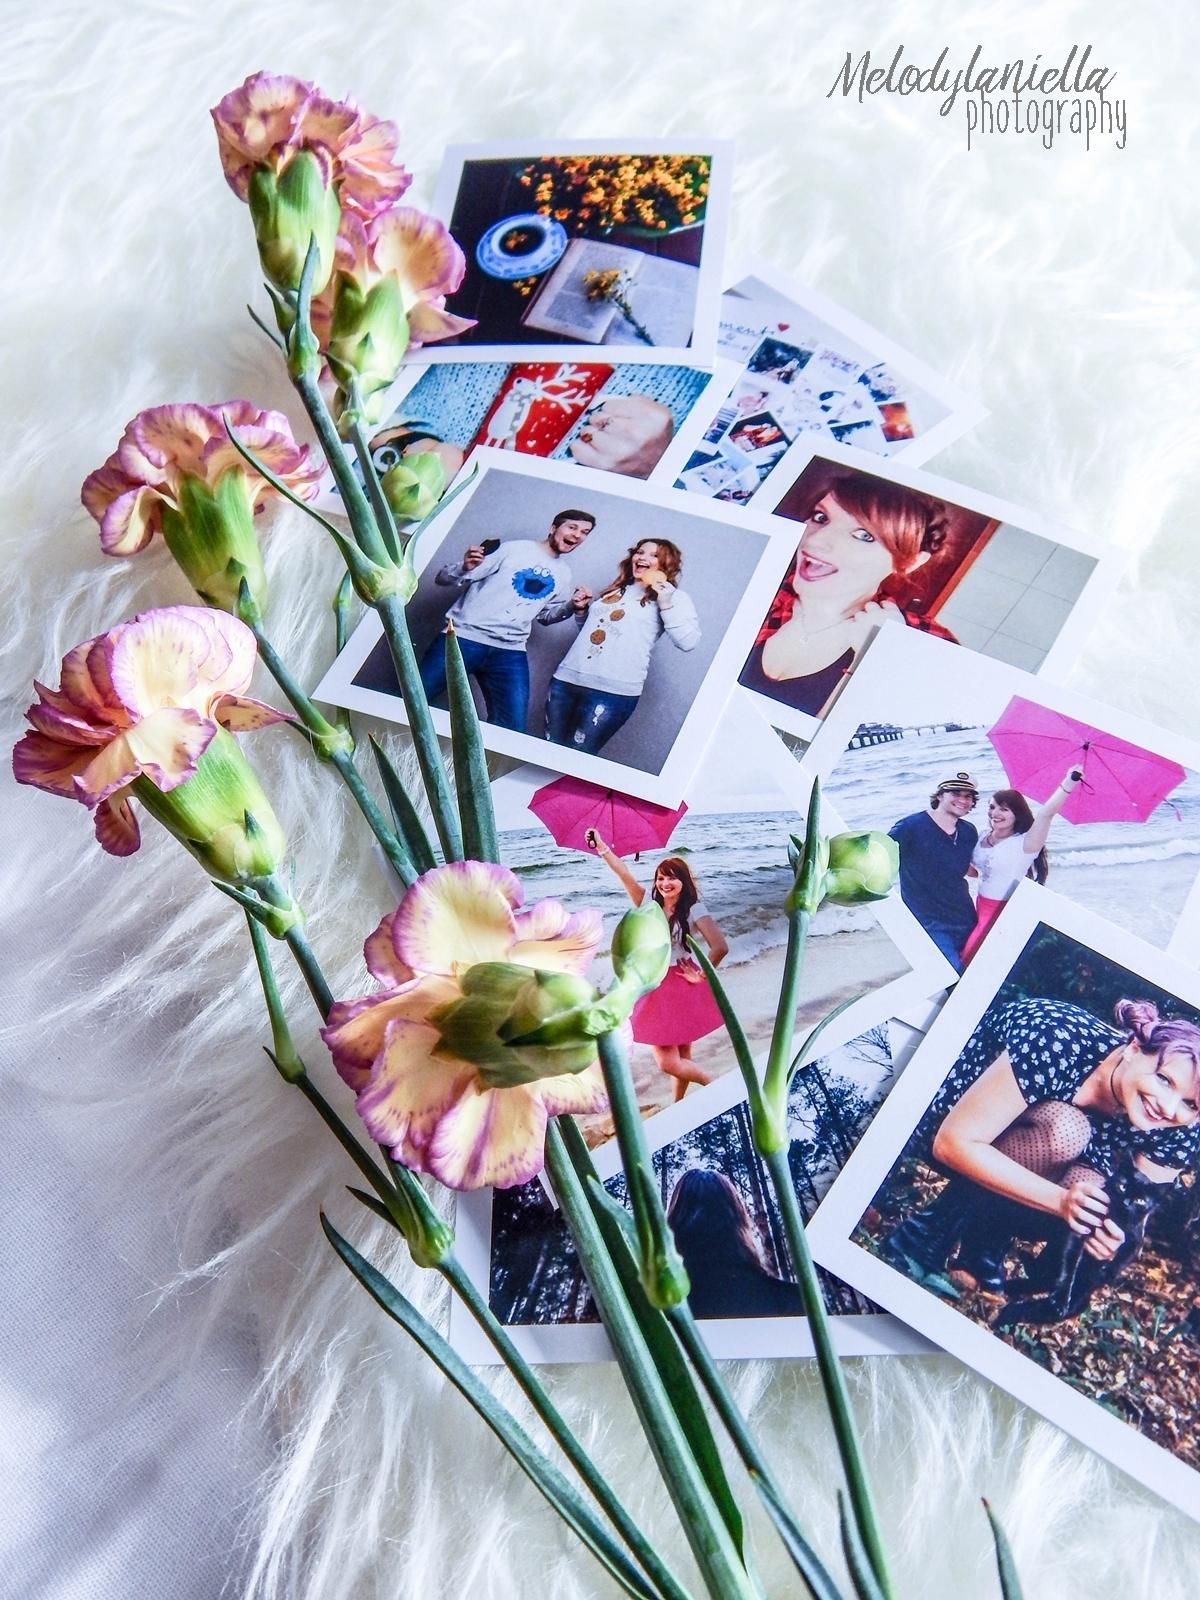 socialdruk kwadraty wywolywanie zdjec z instagrama polaroid wywolywanie fotografia pomysl na prezent nietypowe kwadratowe zdjecia w bialych ramkach duze kwadraty male kwadraty fotografie kwiaty